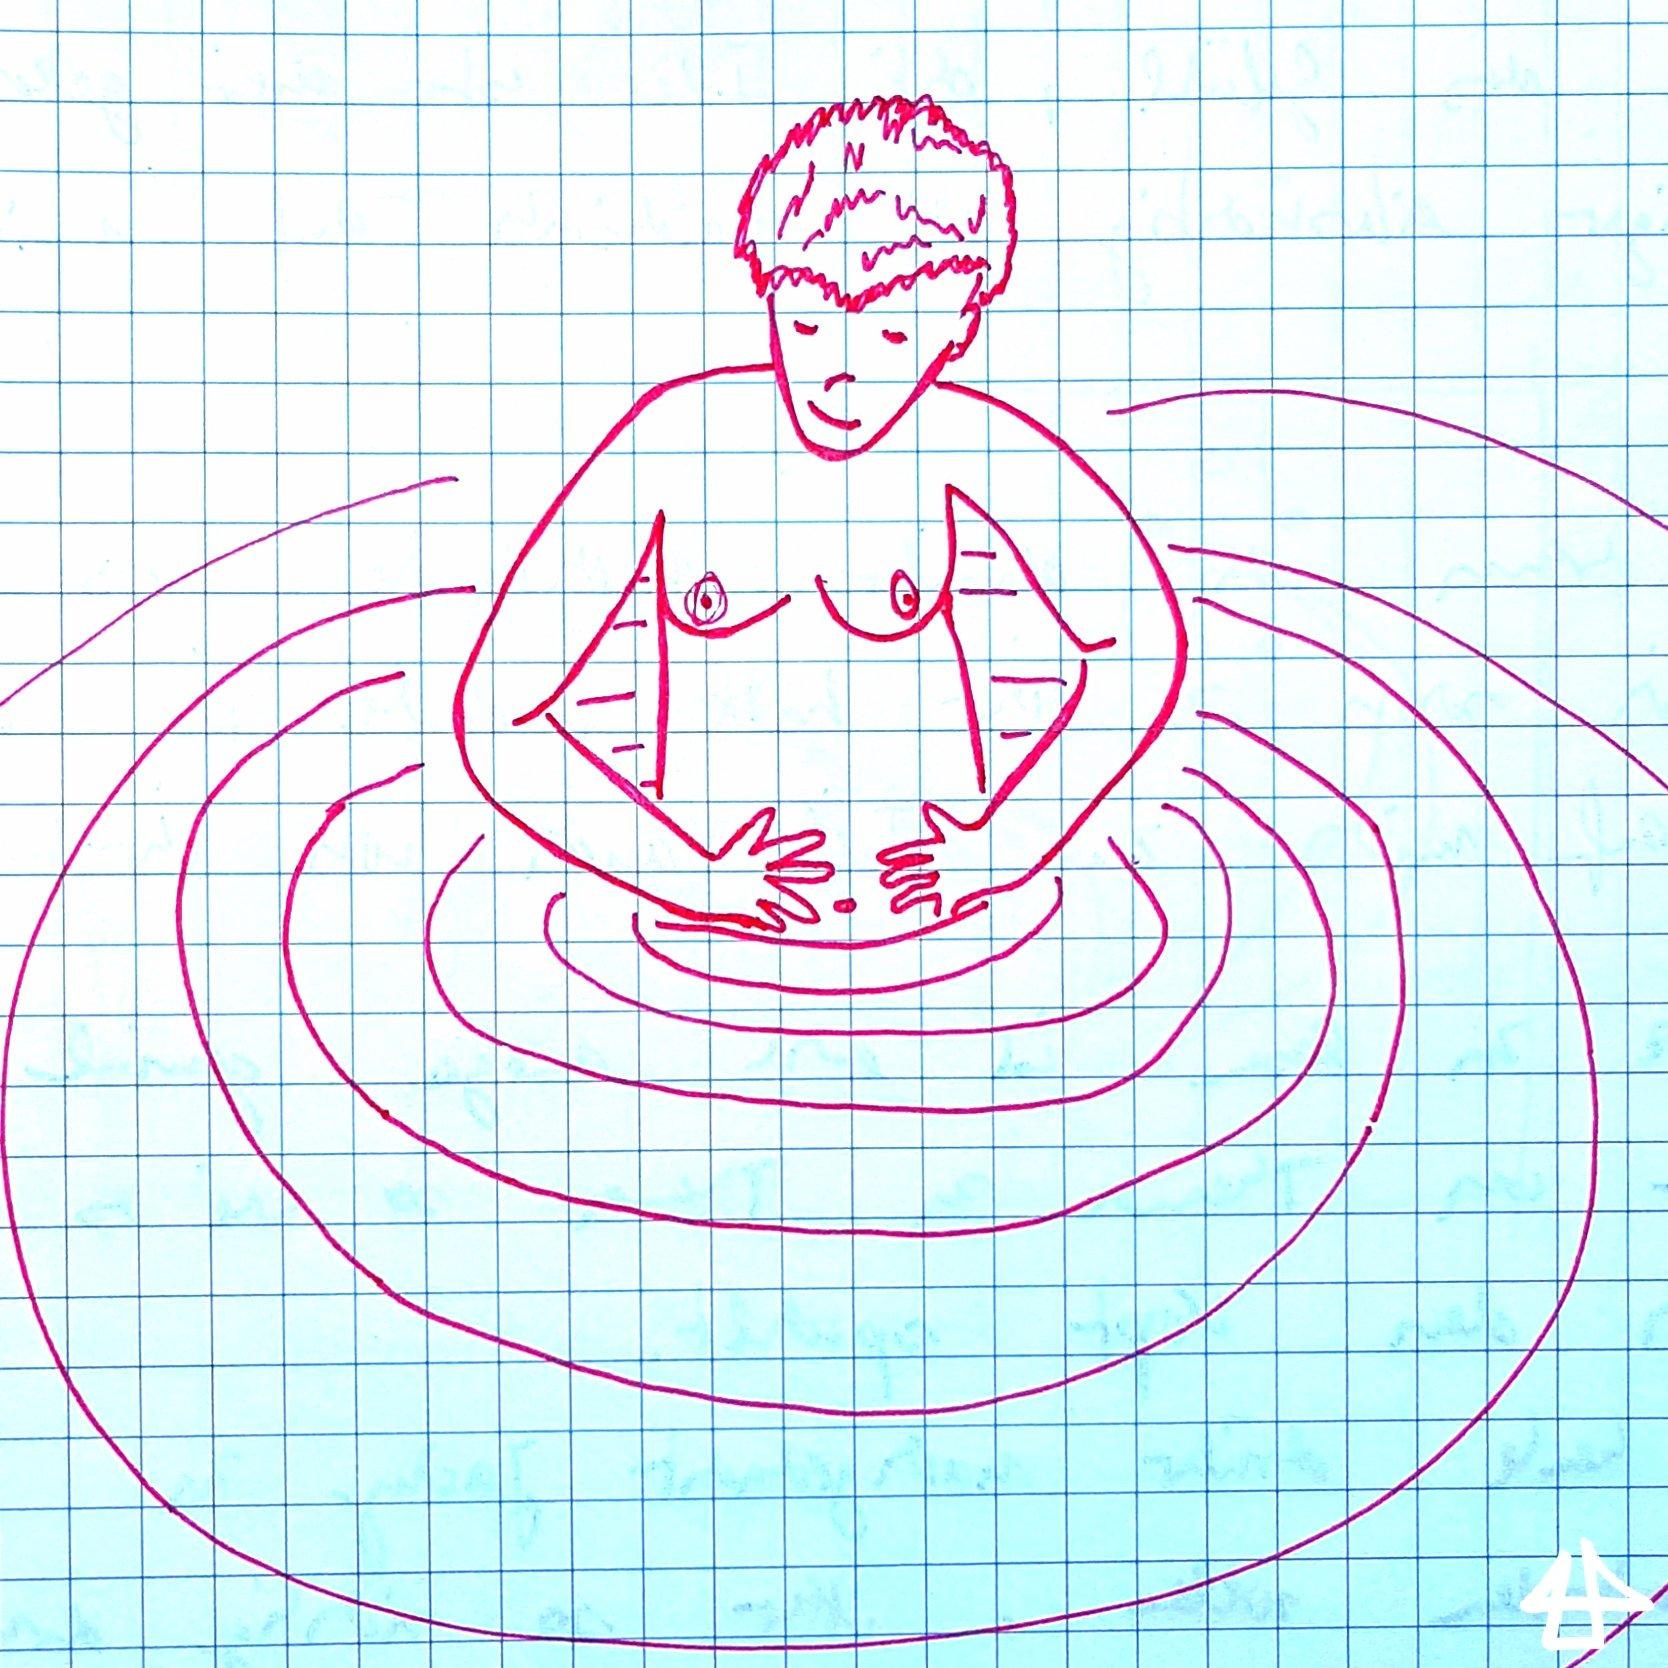 Roter Fineliner auf kariertem Papier, kurzhaarige Person mit freien Oberkörper und Brüsten steht bis kurz unter dem Bauchnabel im Wasser, dass kreisförmig Wellen macht.